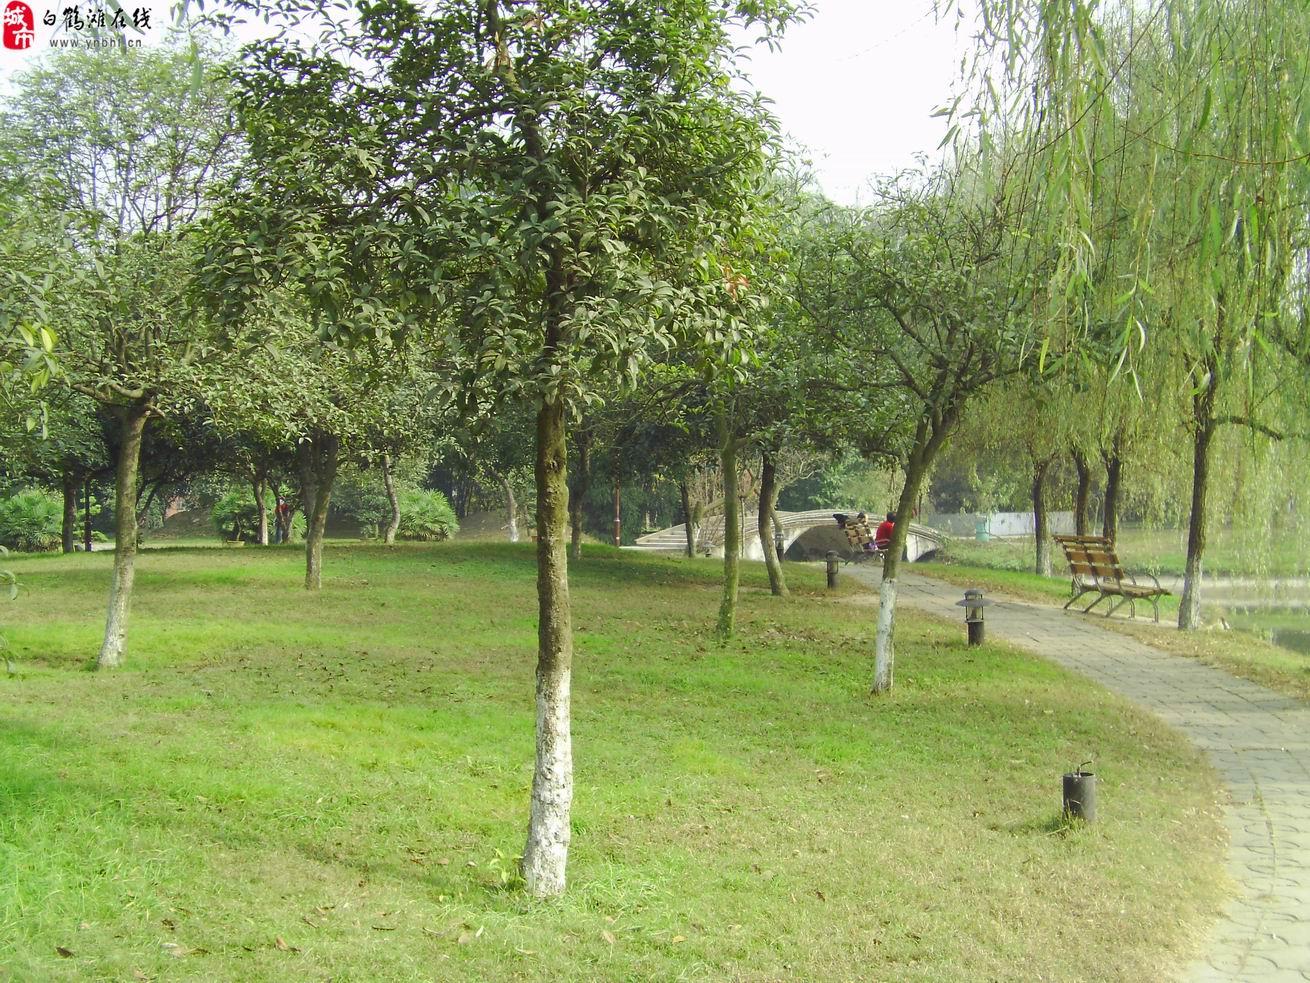 巧家白鹤滩公园